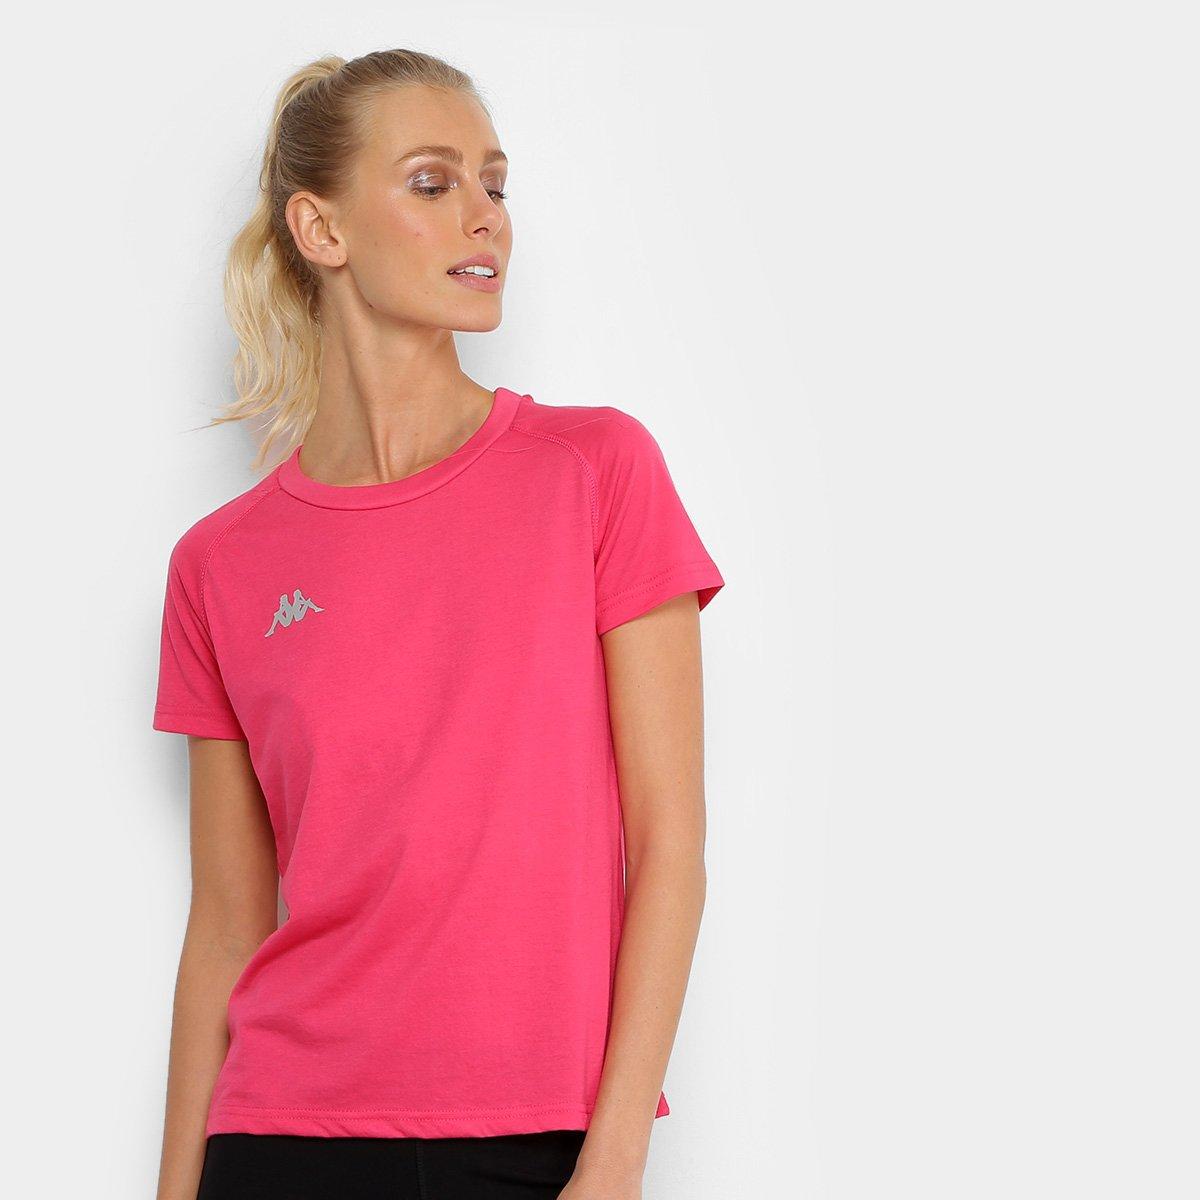 e Feminina Kappa Verona Camiseta Preto Camiseta Rosa Kappa nBYwHP4qn